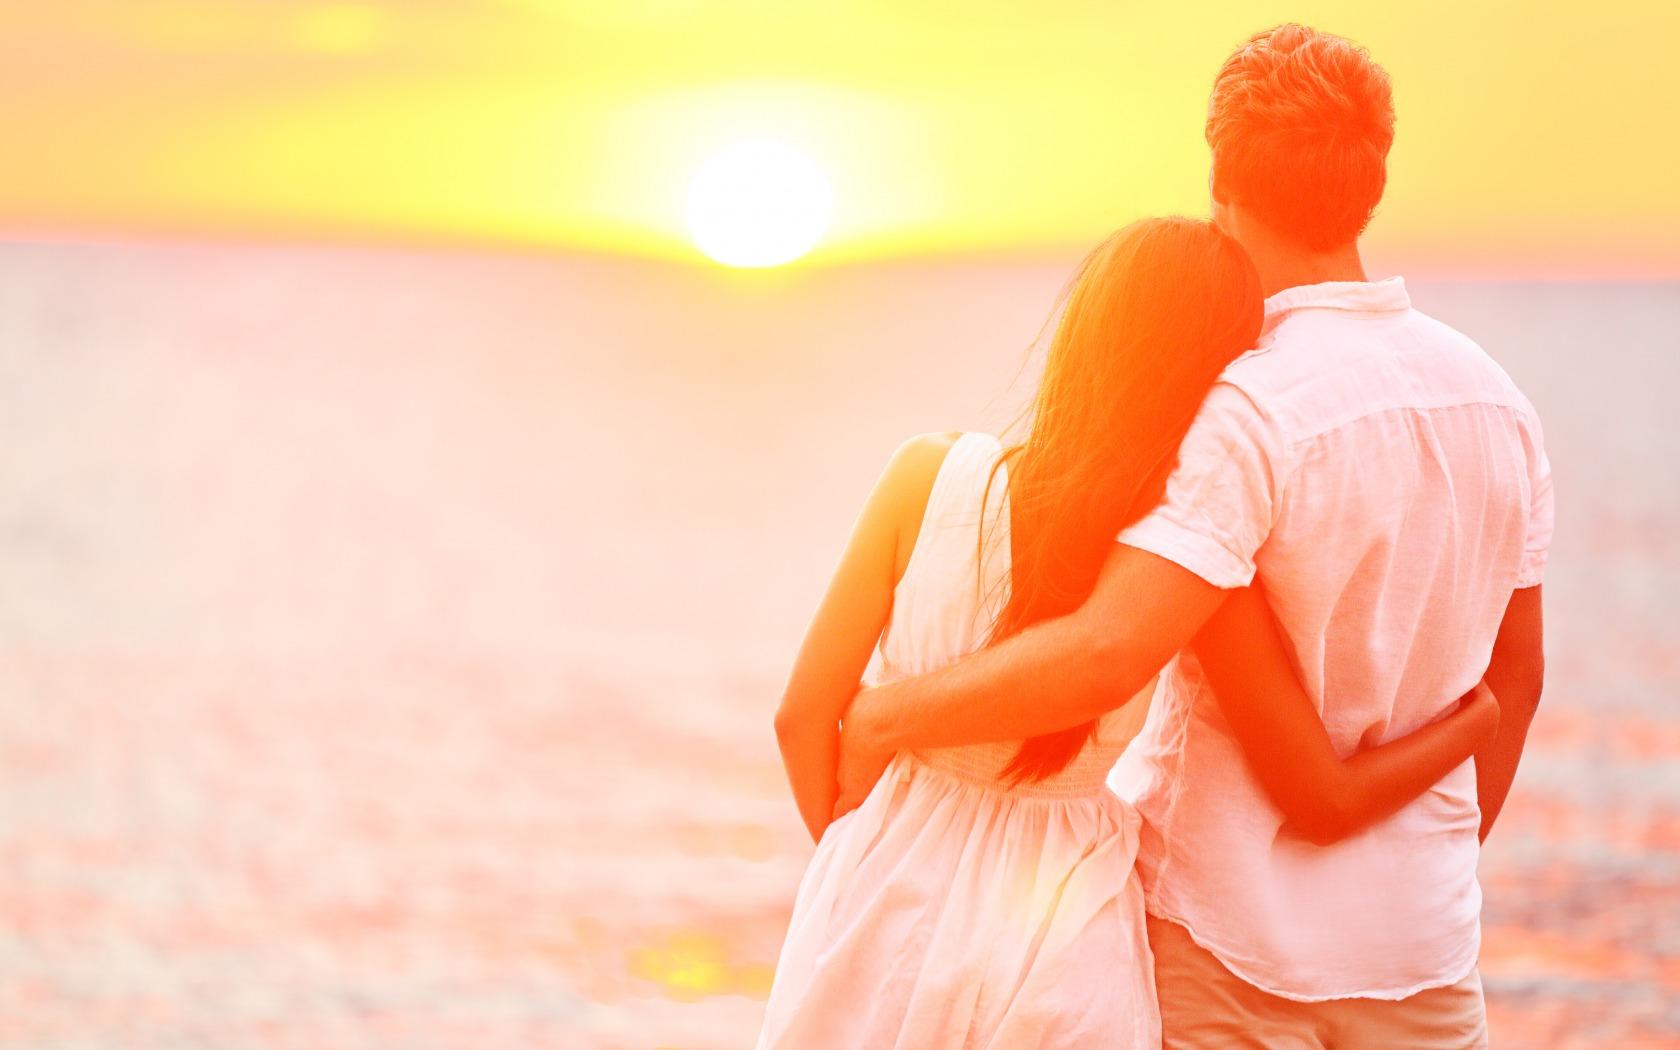 Во Флориде католическая епархия совместно баптистами смогли снизить число разводов на 20%